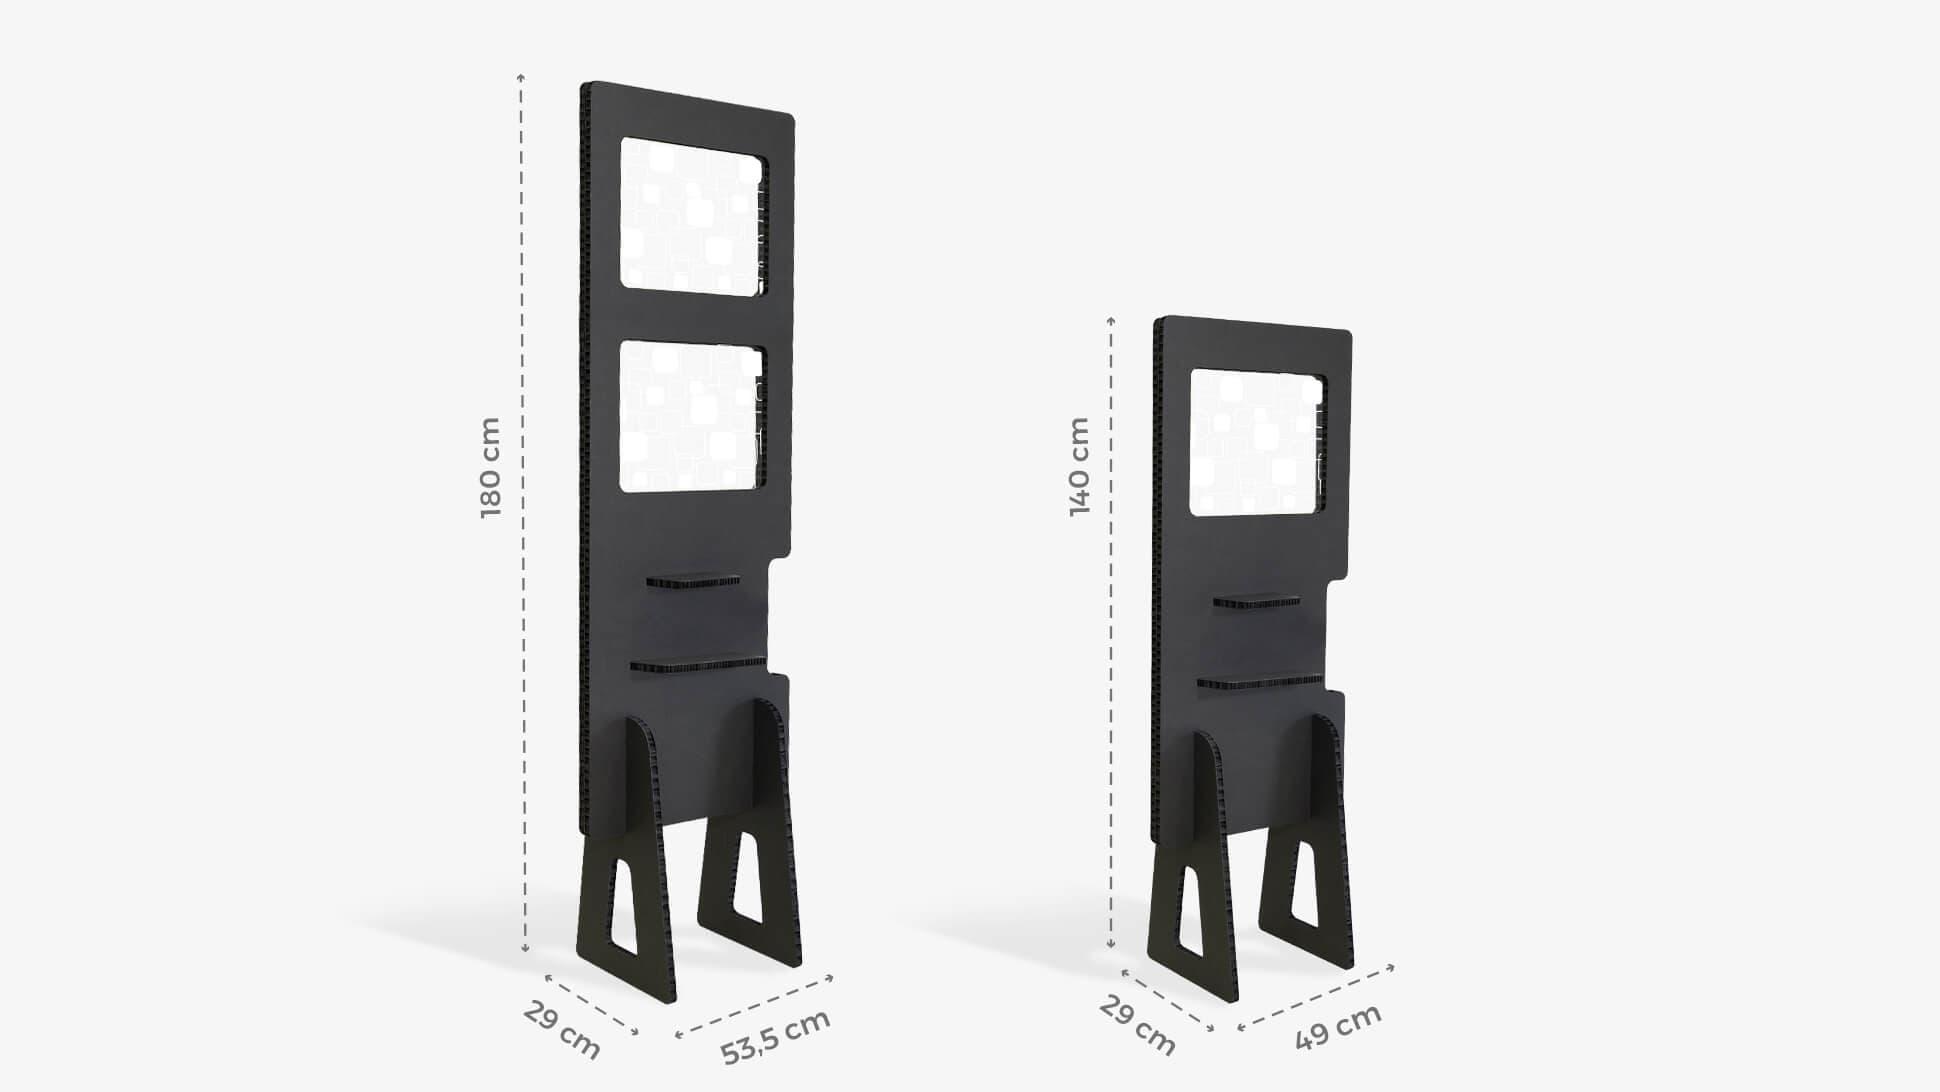 Divisorio in Nidoboard nero da 16 mm per separare ambienti, locali, centri estetici | tictac.it